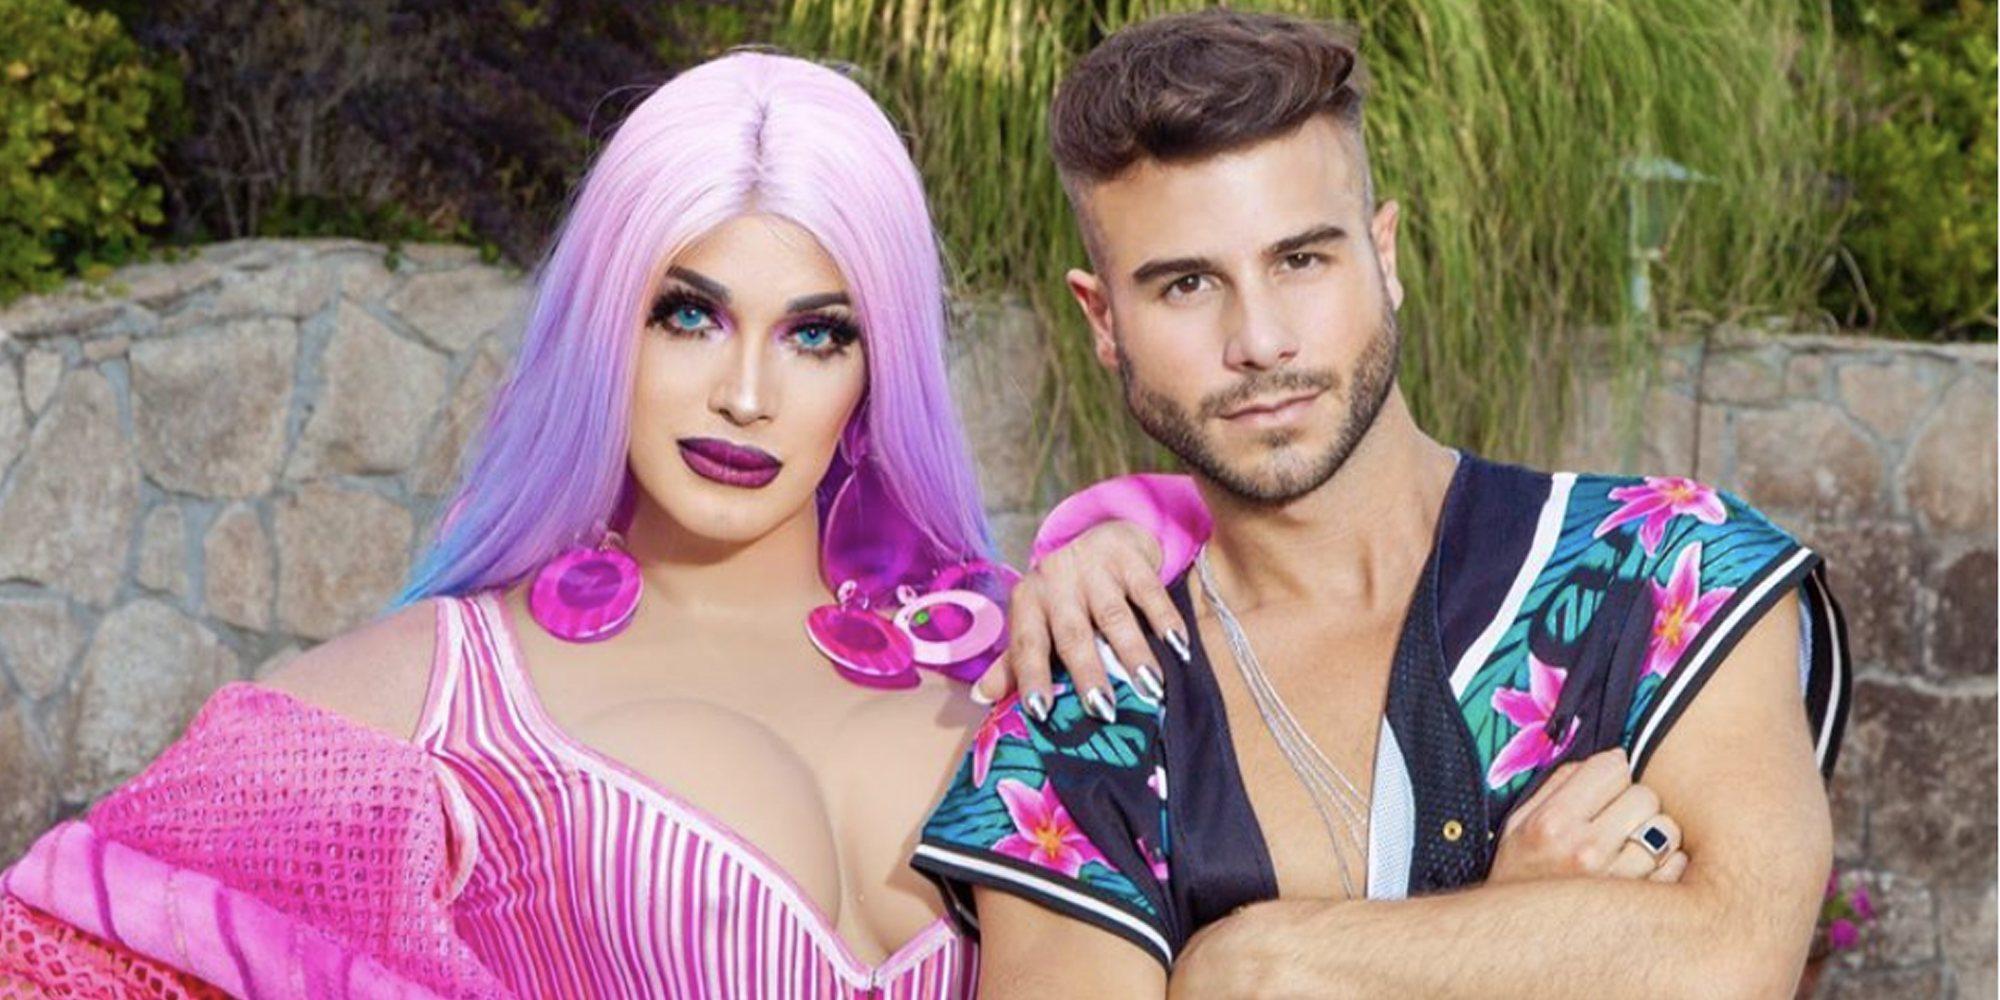 Actor Porno Gay De Supervivientes 100 mayor imágenes actores porno gay parecidos a maluma